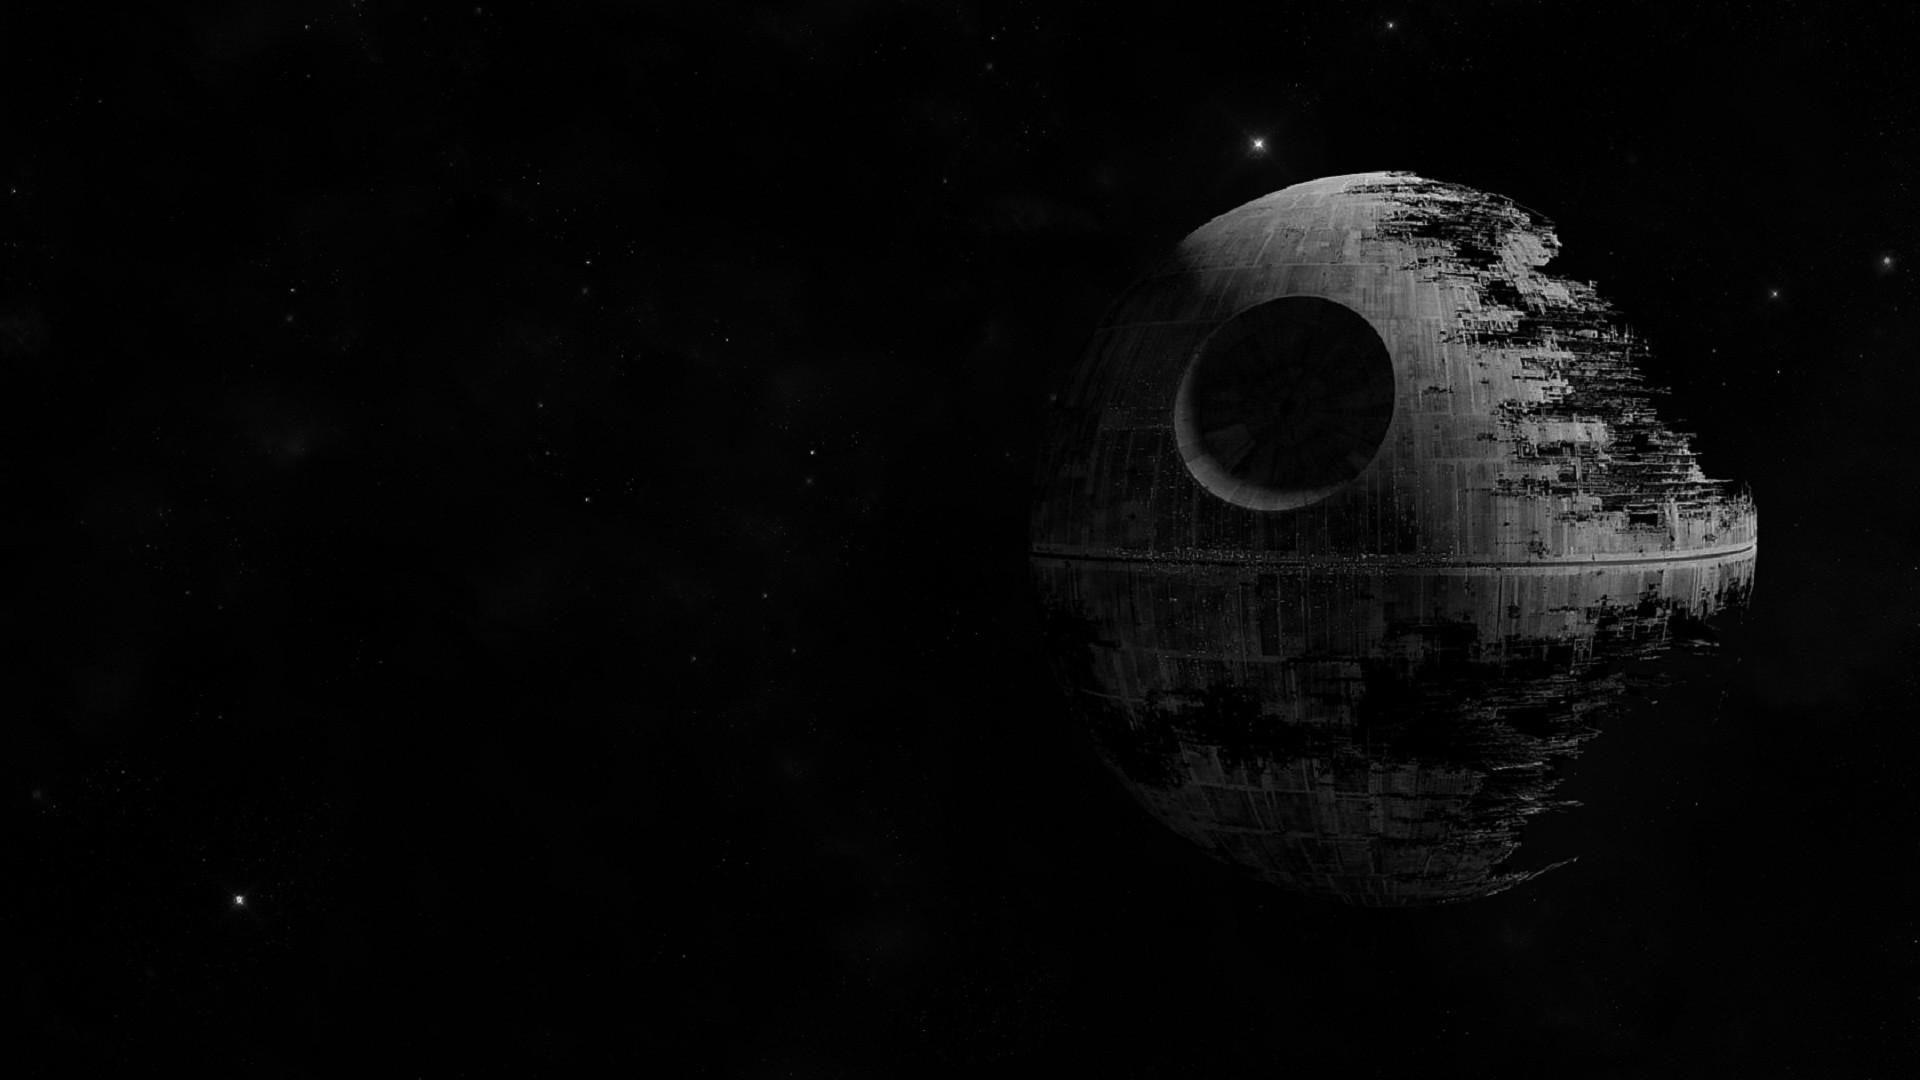 デスクトップ壁紙 スターウォーズ デジタルアート 夜 スペース 月光 天文学 デススター 闇